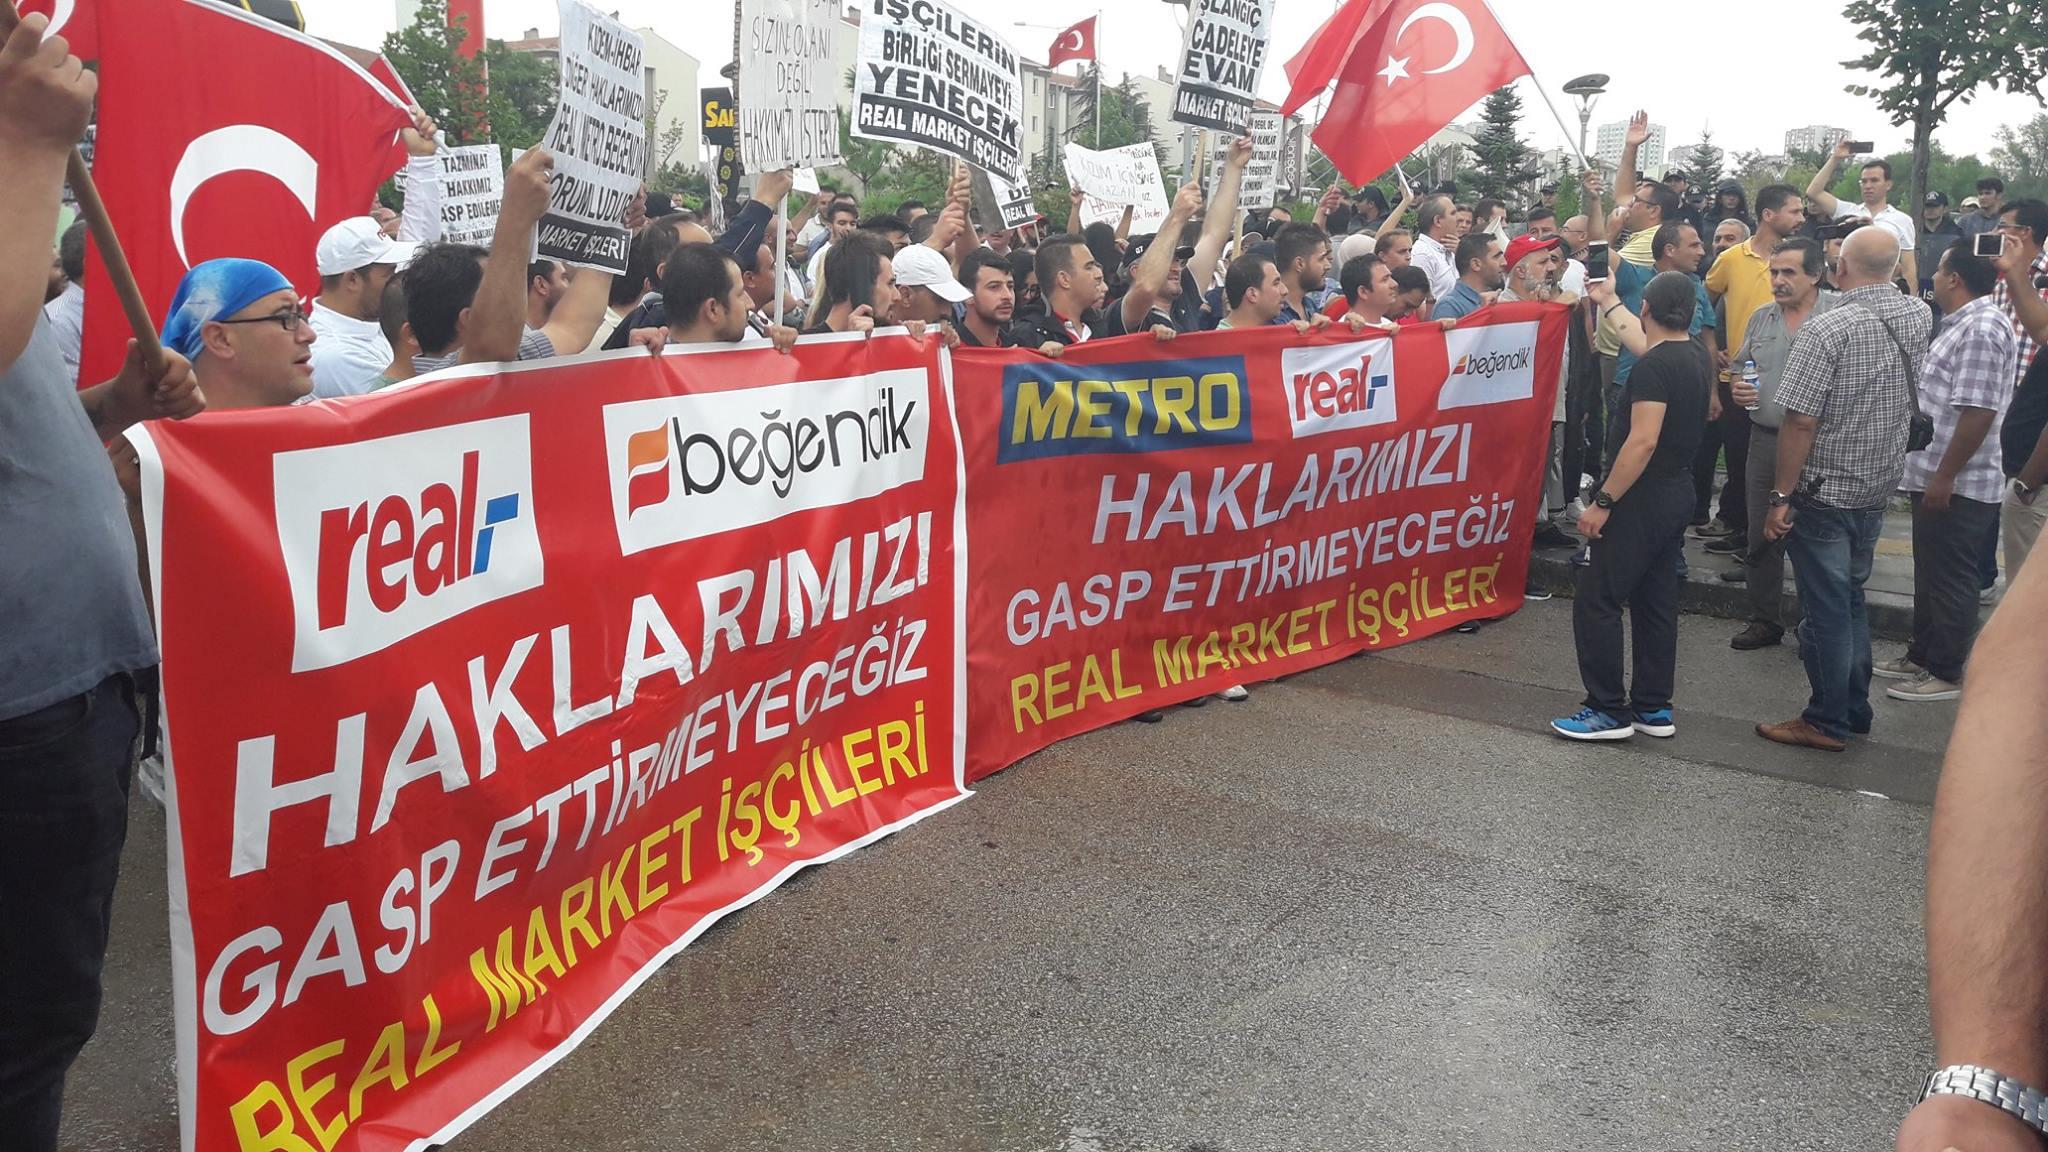 Hakları gasp edilen Real işçileri Manifesto'ya konuştu